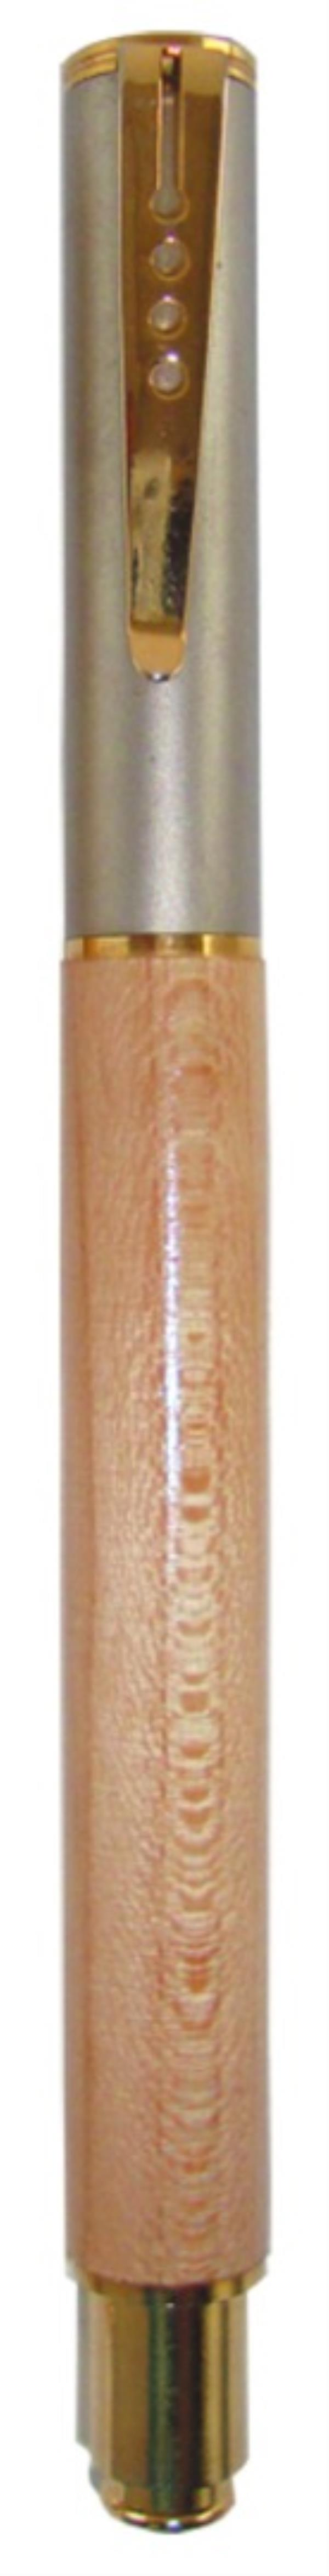 Dewani Pen Products